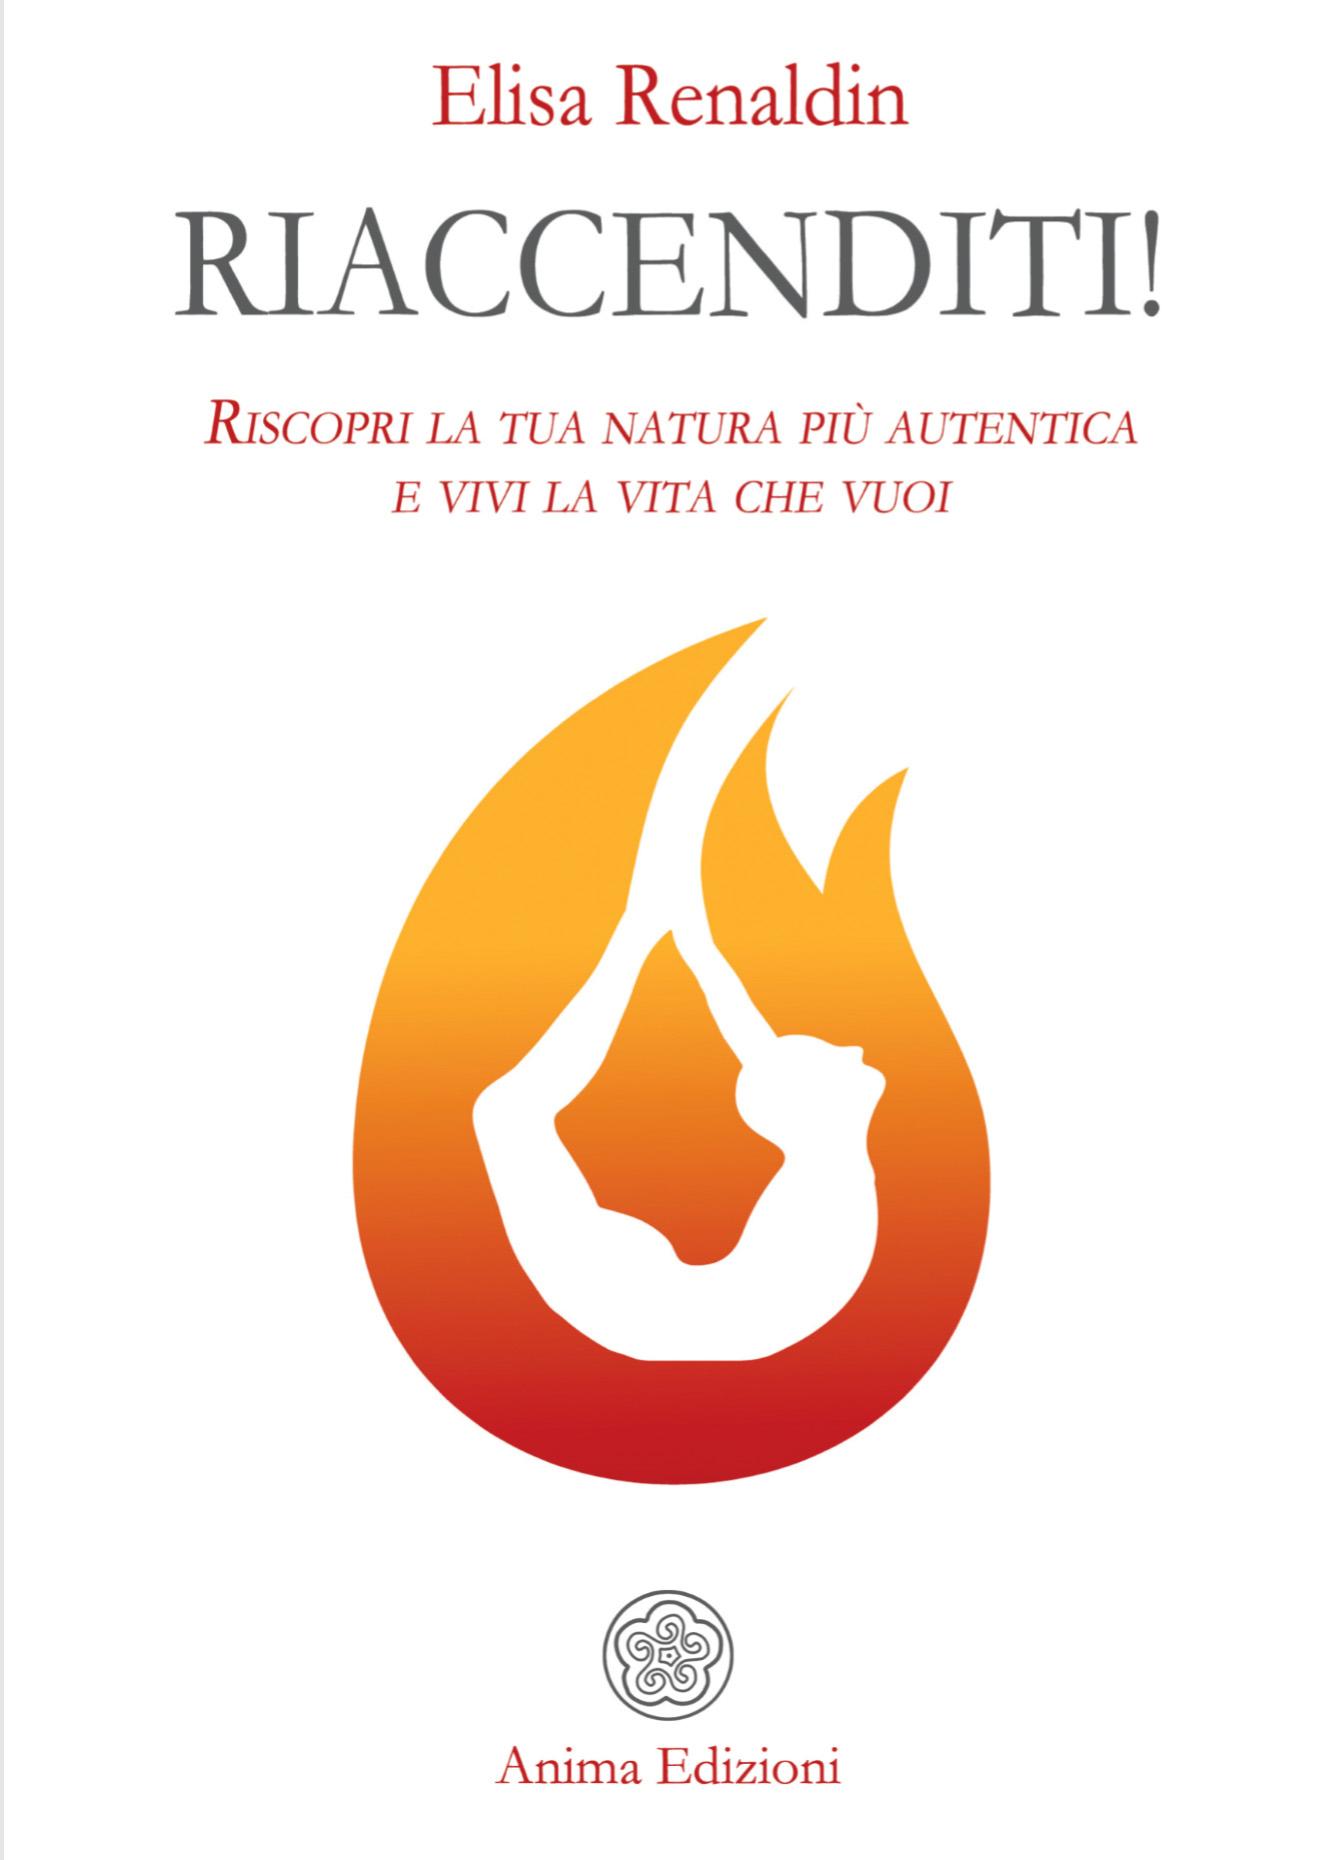 Elisa-Renaldin-RivistaDonna.com